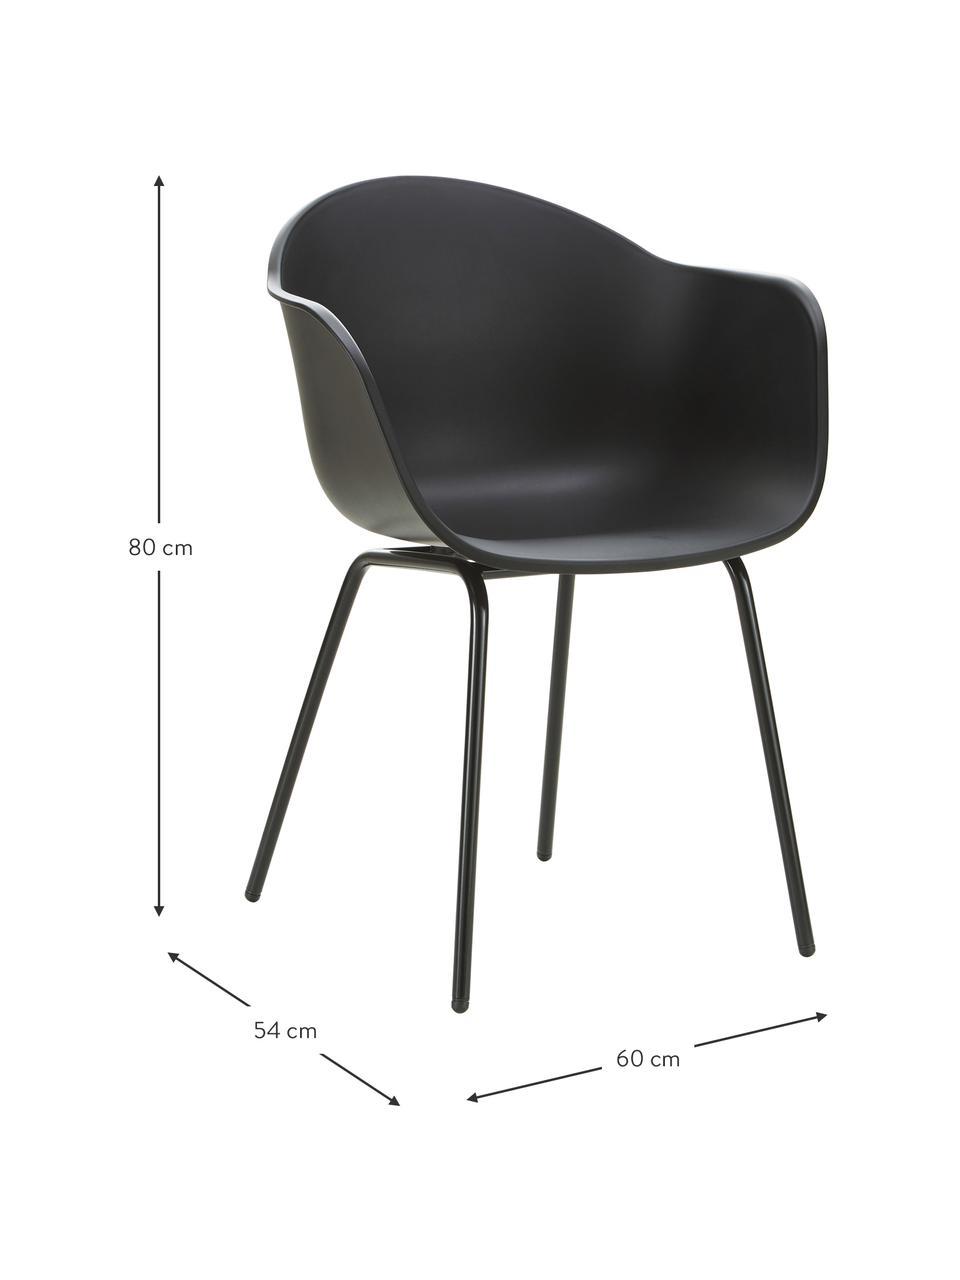 Sedia da giardino nera Claire, Gambe: metallo verniciato a polv, Nero, Larg. 60 x Prof. 54 cm